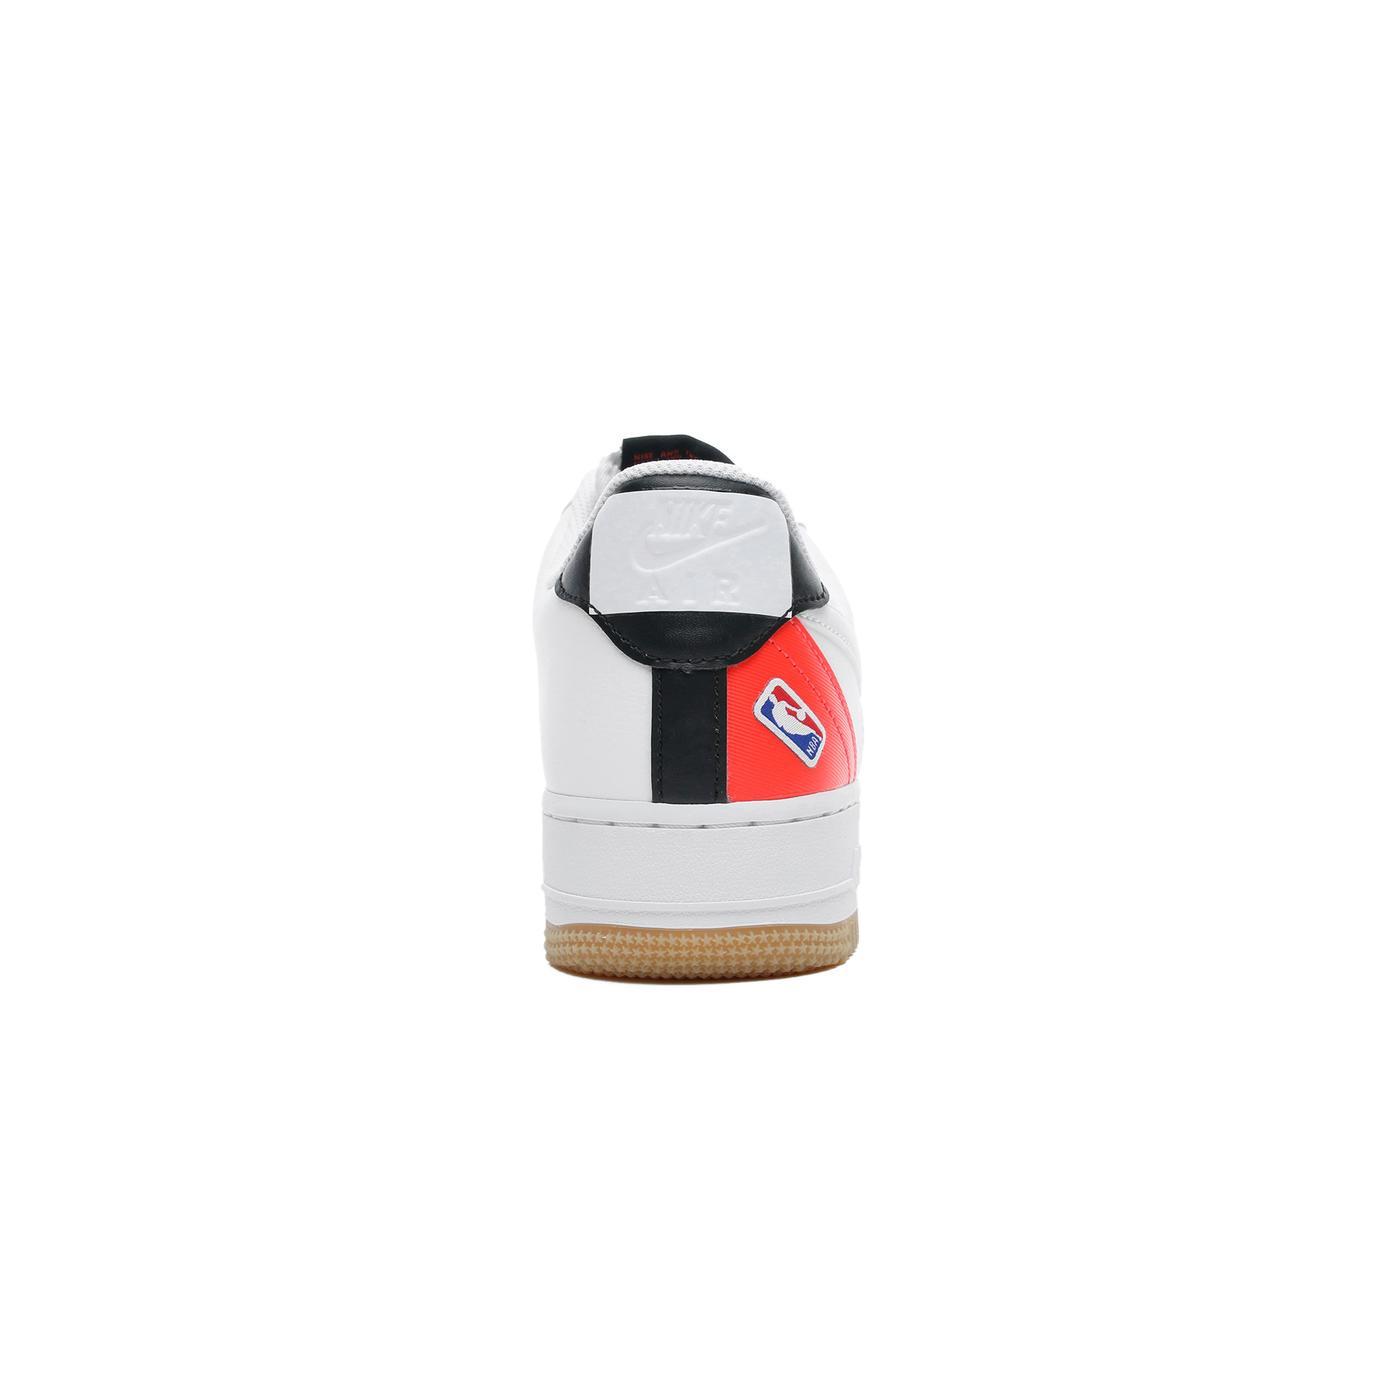 Air Force 1 '07 Lv8 Erkek Beyaz Spor Ayakkabı